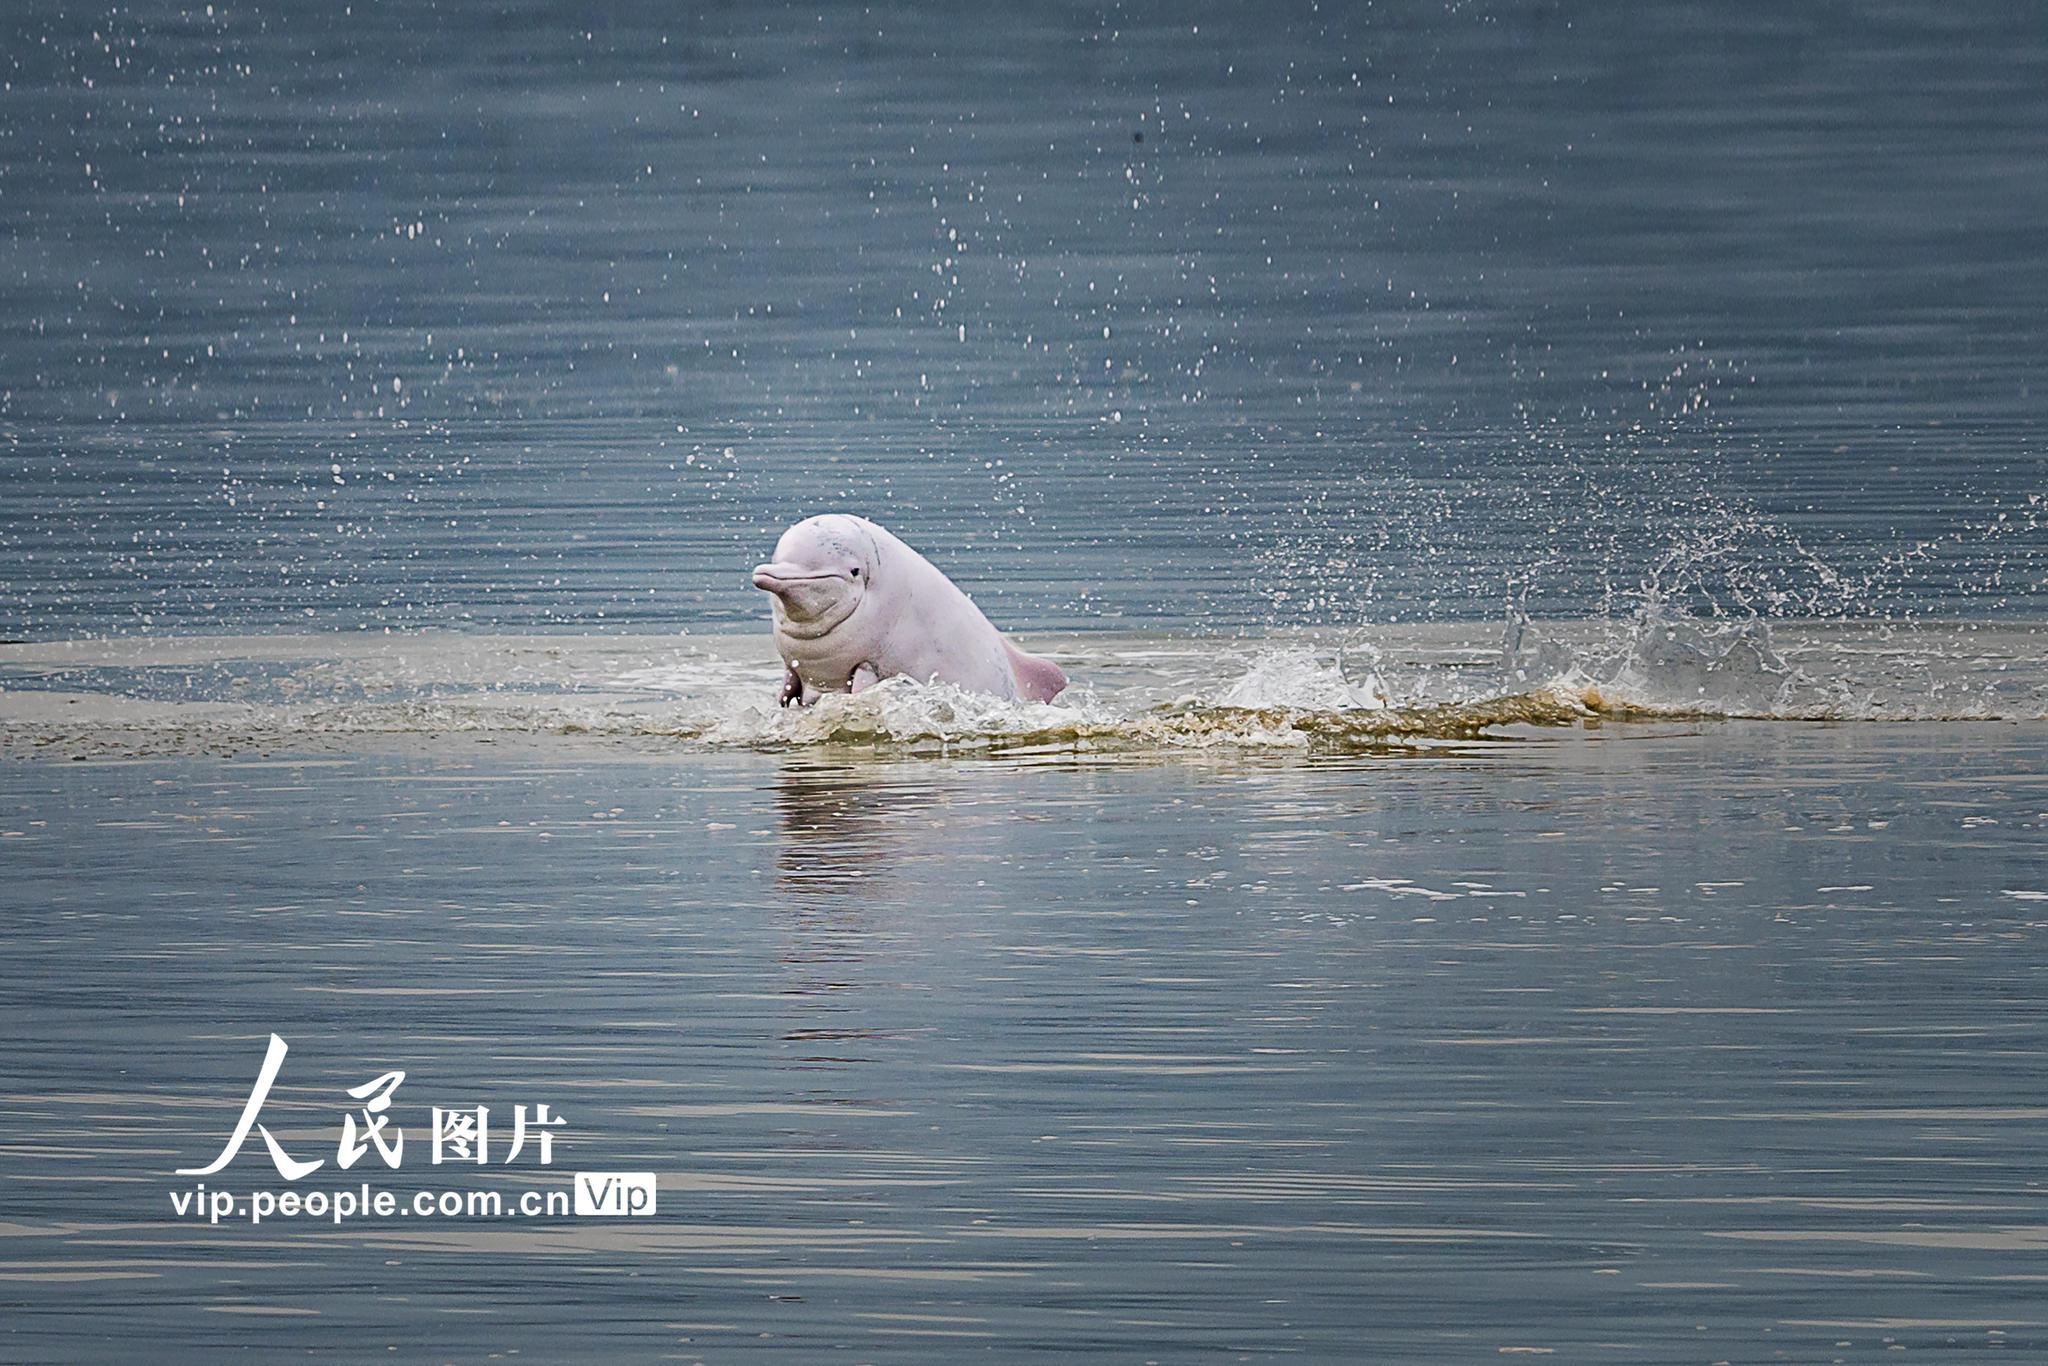 福建霞浦:中华白海豚嬉戏玩耍 场面温馨